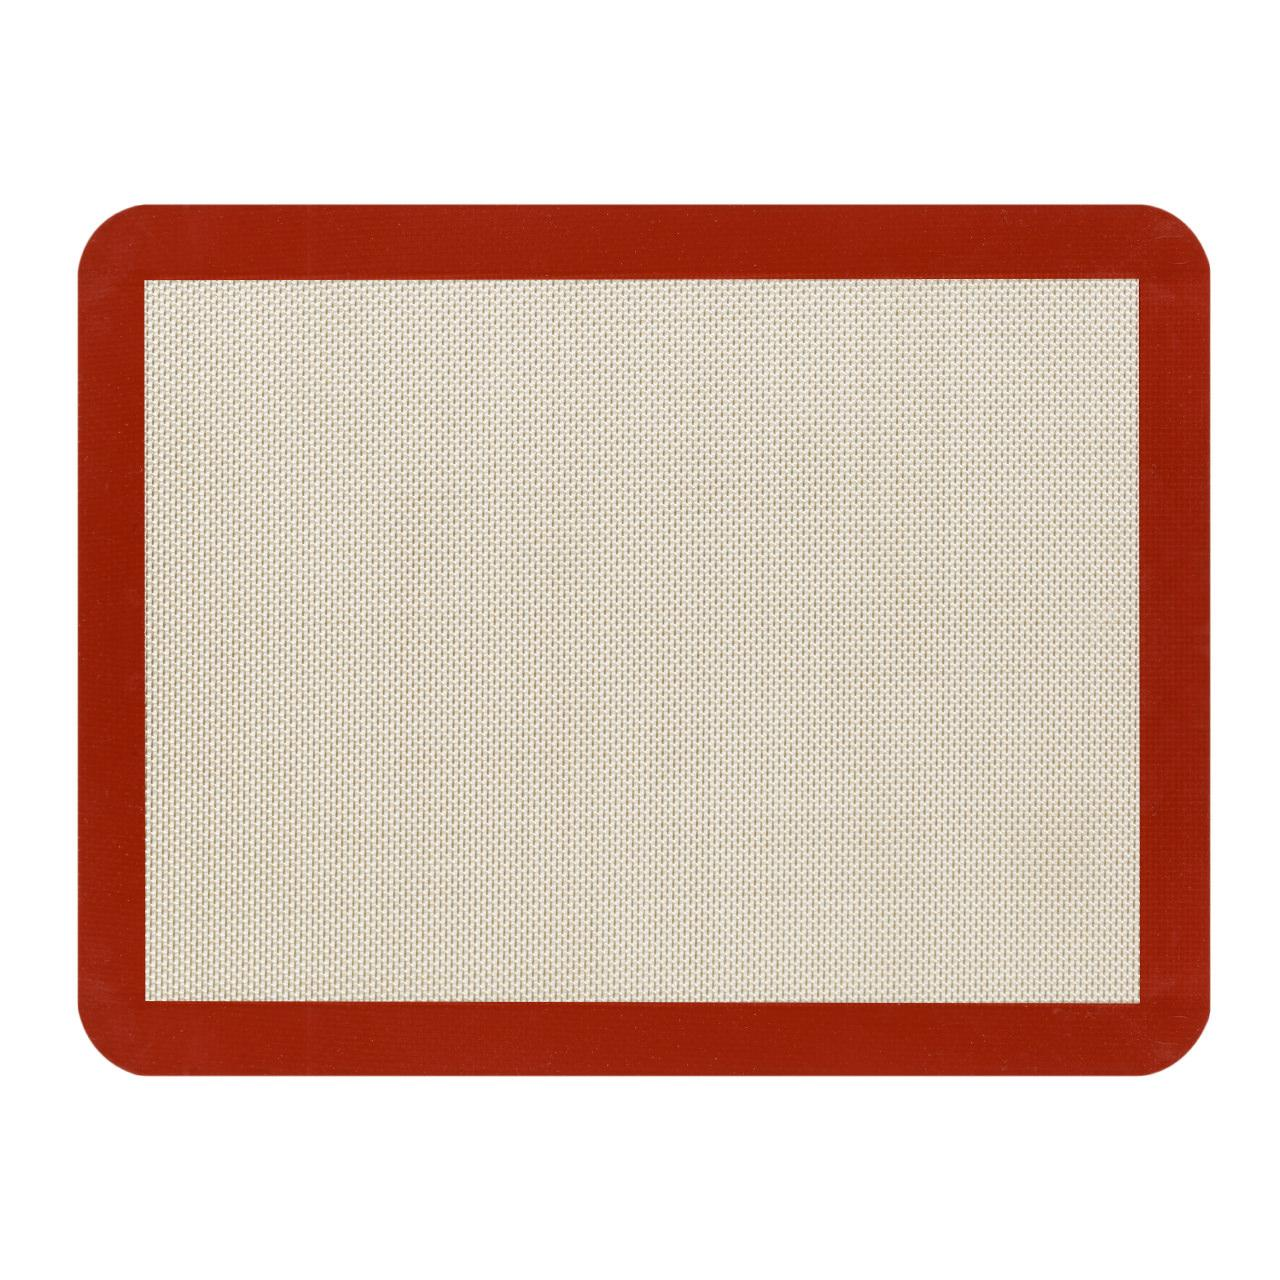 Силиконовый коврик 40х60 см для карамели и мастики